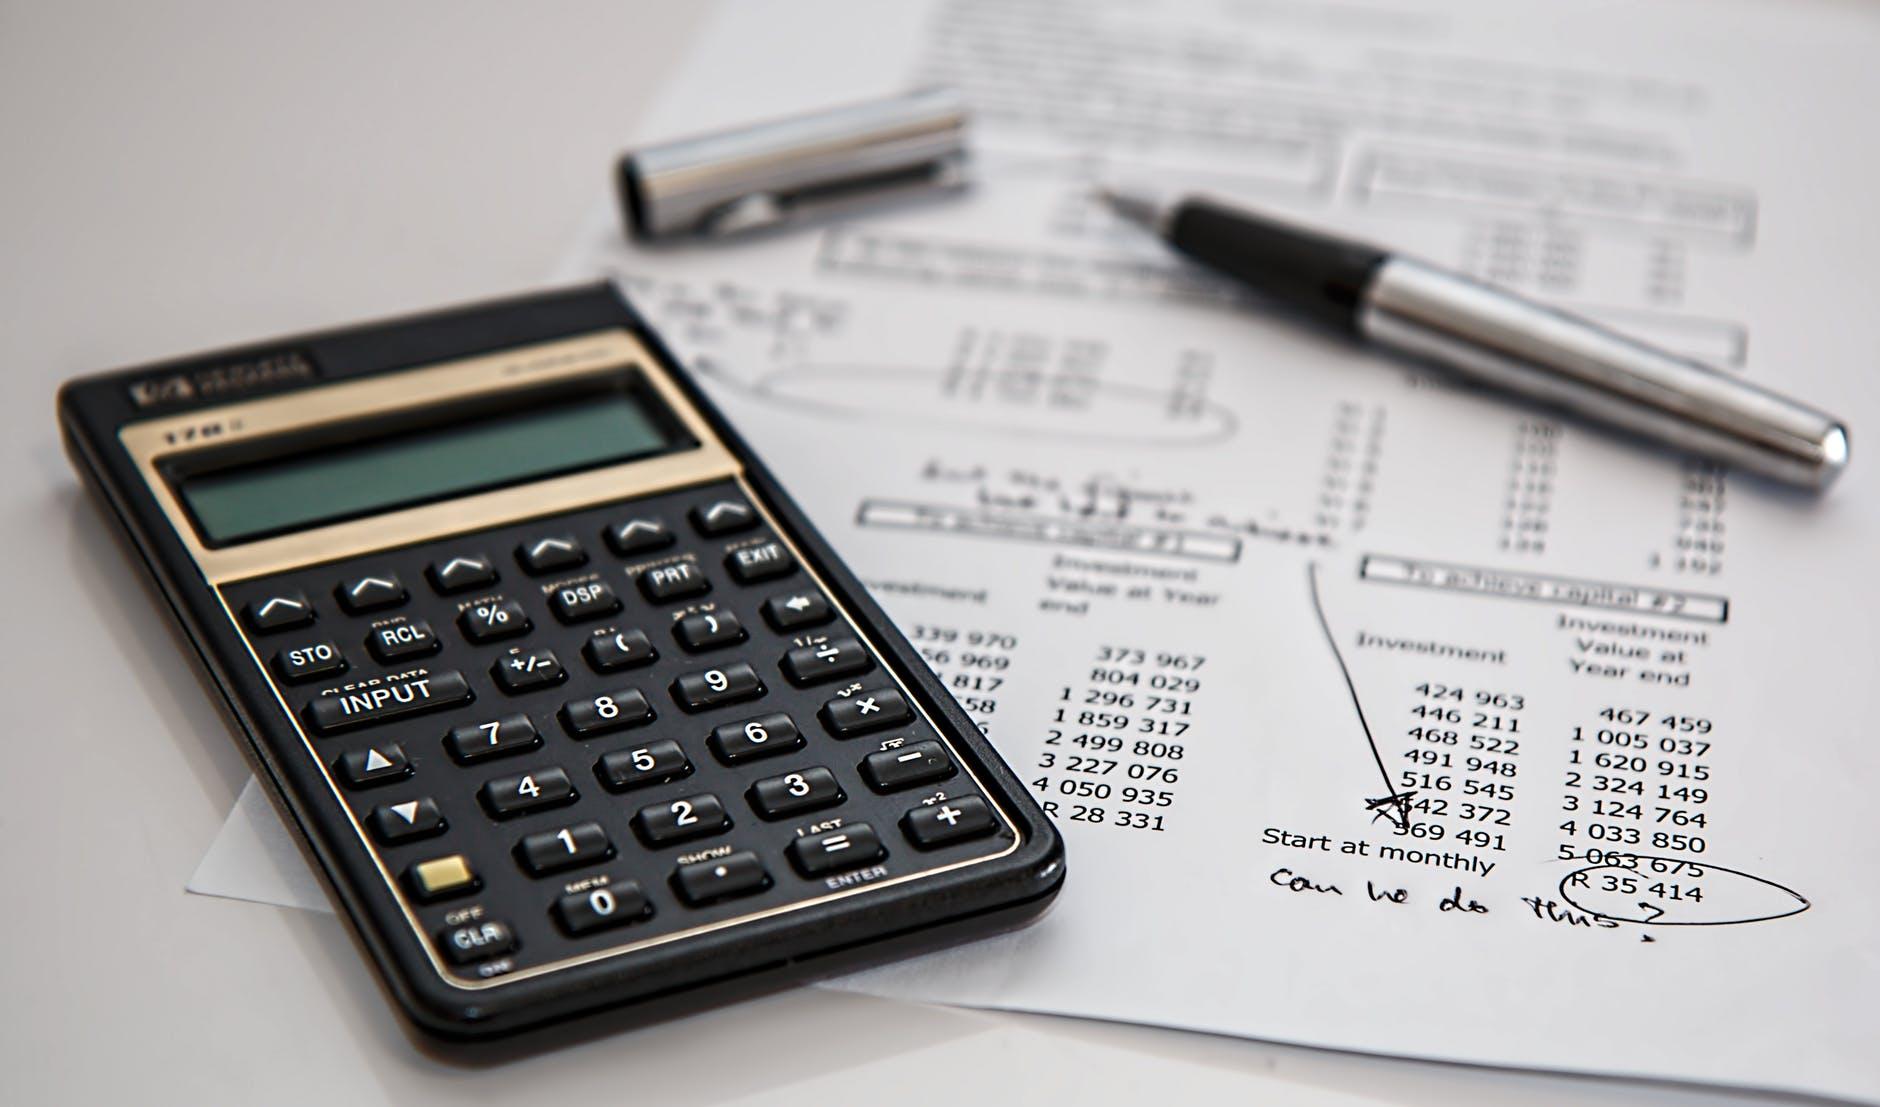 https://ekaenlinea.com/wp-content/uploads/2018/06/calculator-calculation-insurance-finance-53621.jpeg